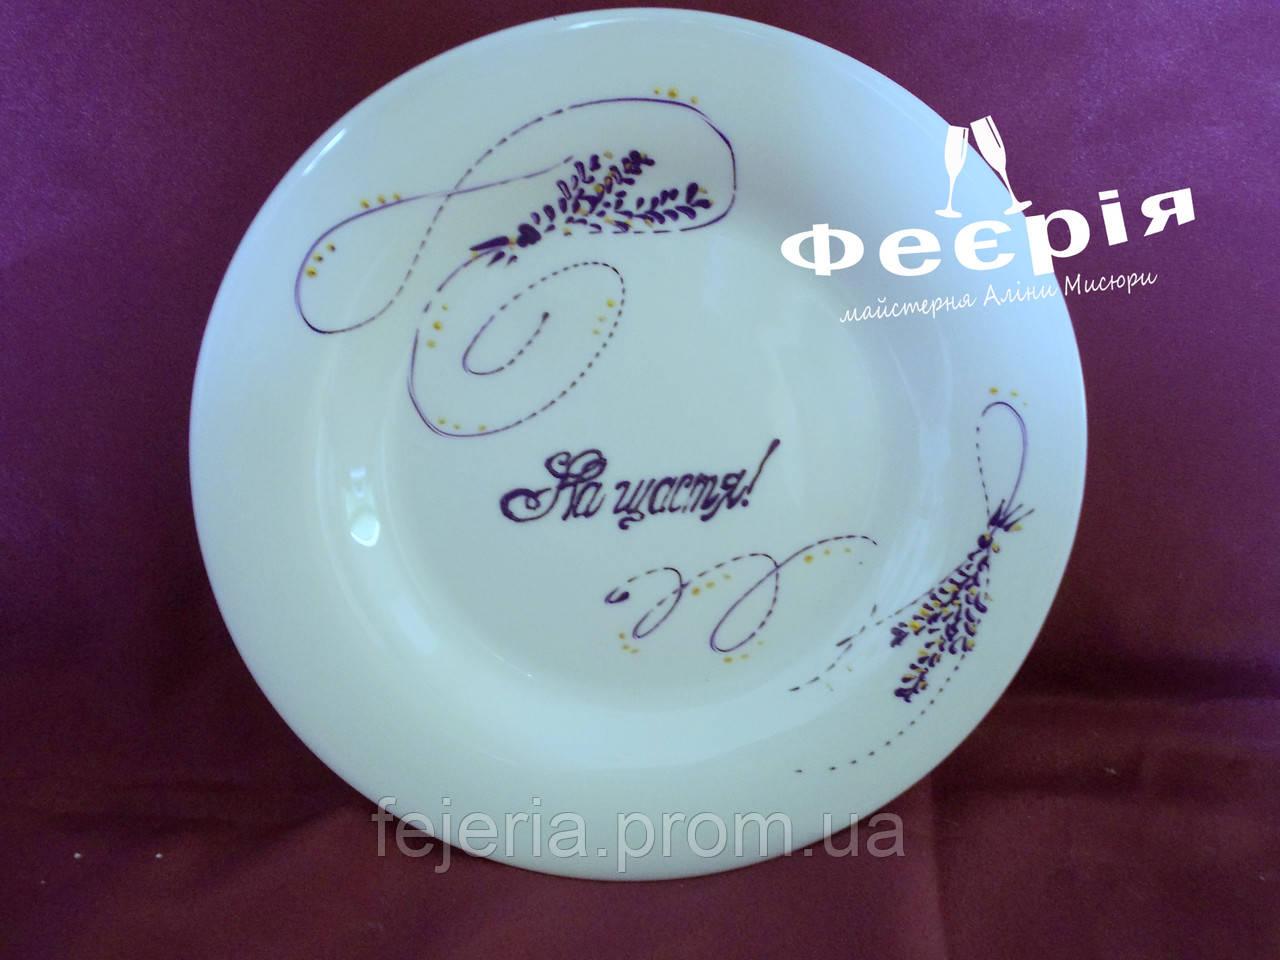 Тарелка На счастье лаванда